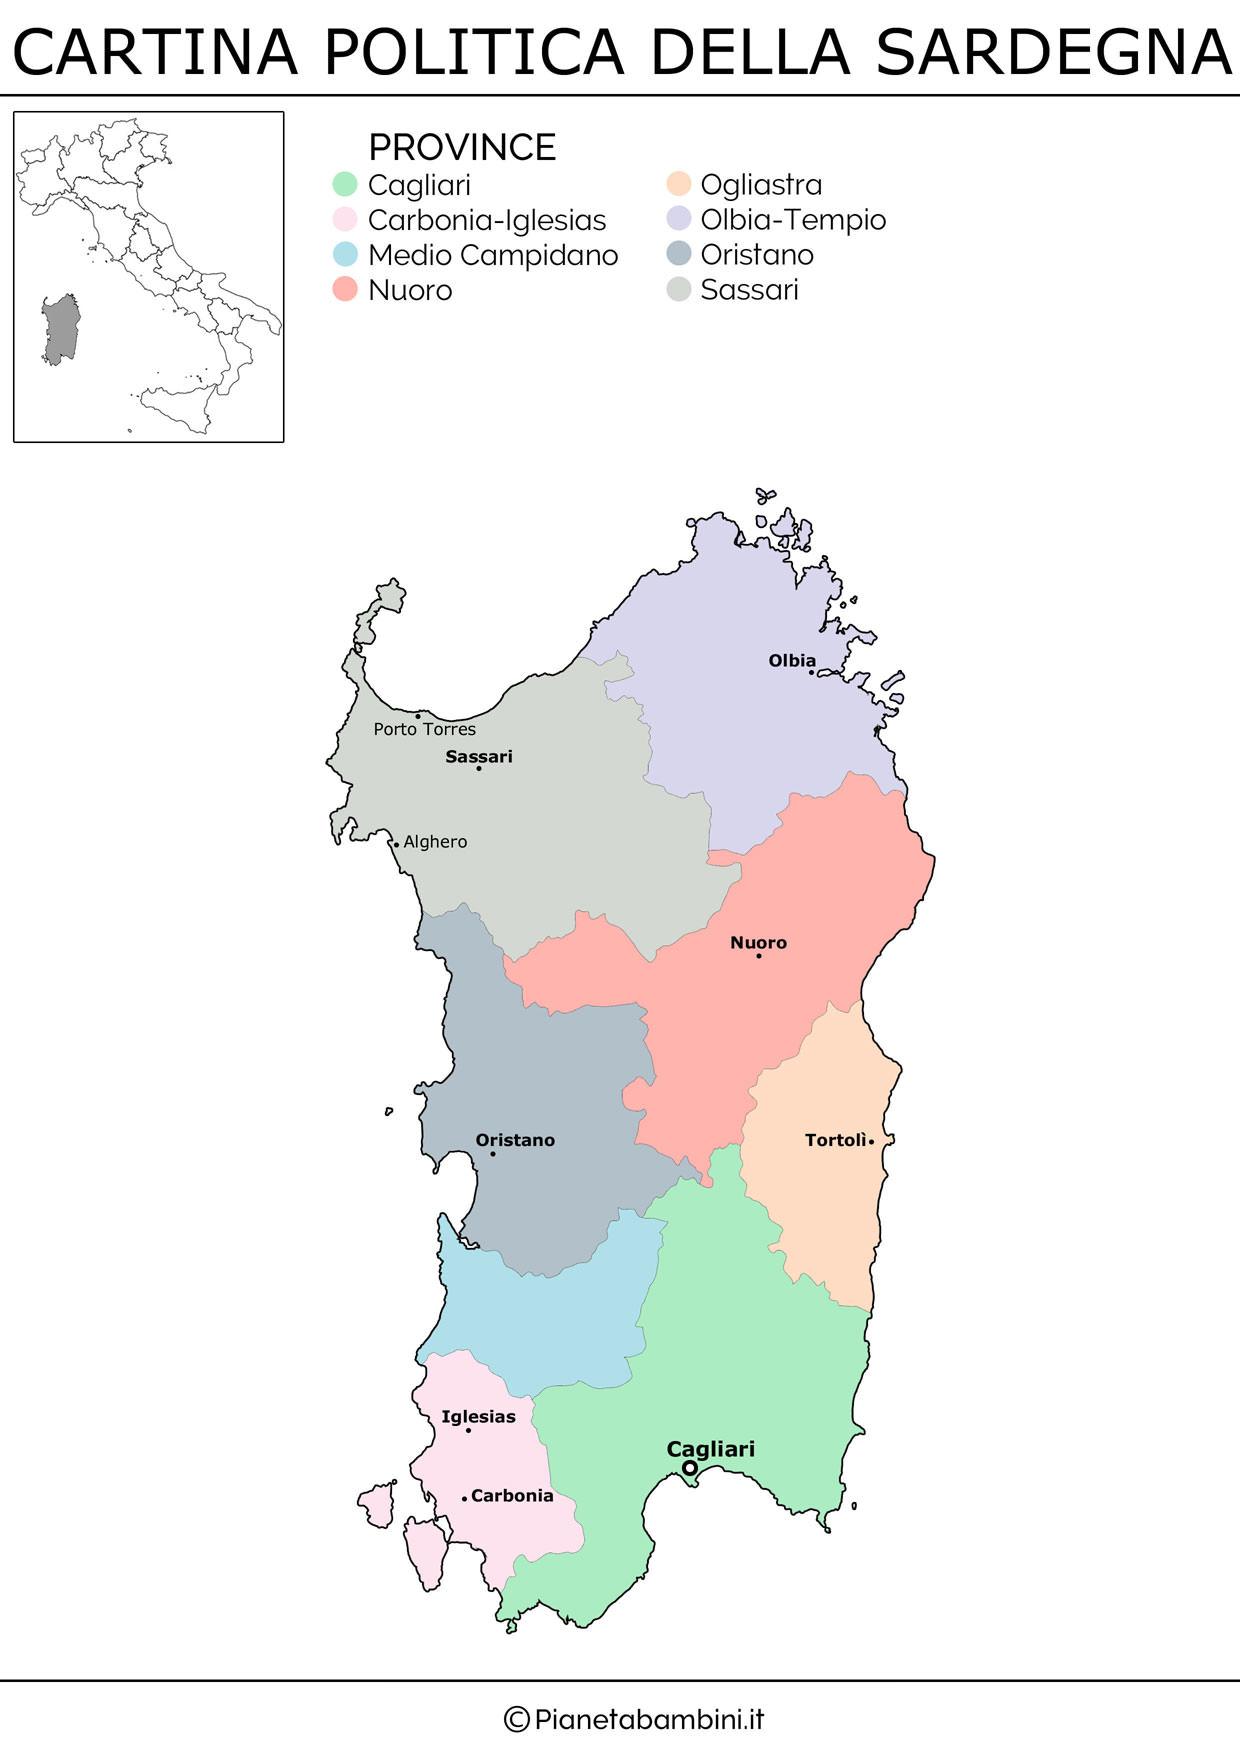 Cartina Muta Della Sardegna.Cartina Muta Fisica E Politica Delle Sardegna Da Stampare Pianetabambini It